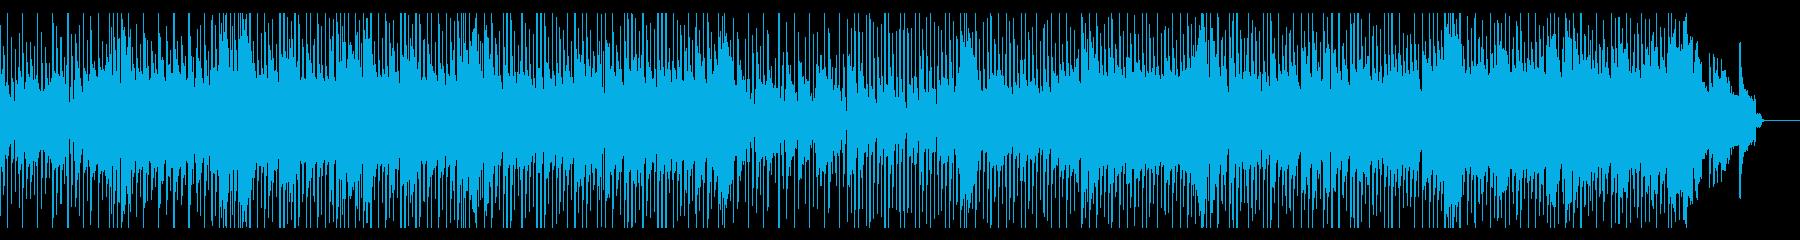 ゴージャスなピアノと癒しのリズムが印象的の再生済みの波形